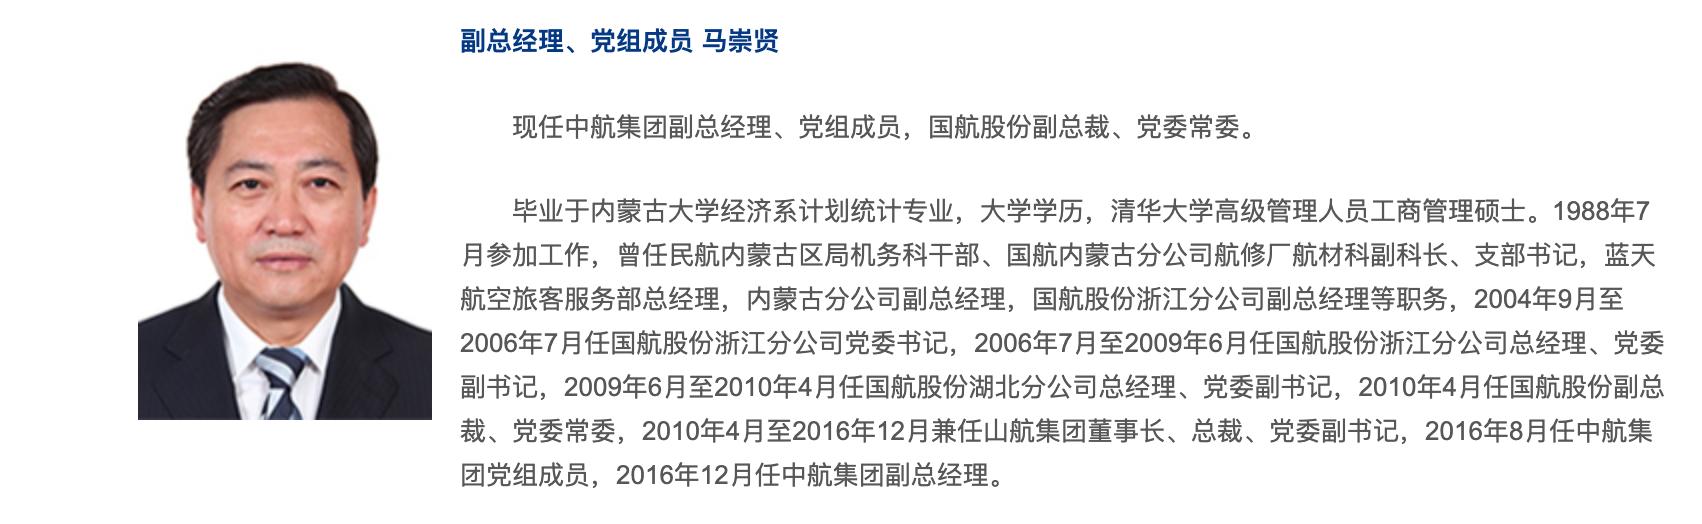 国航新总经理到任 去年为何亏损144亿